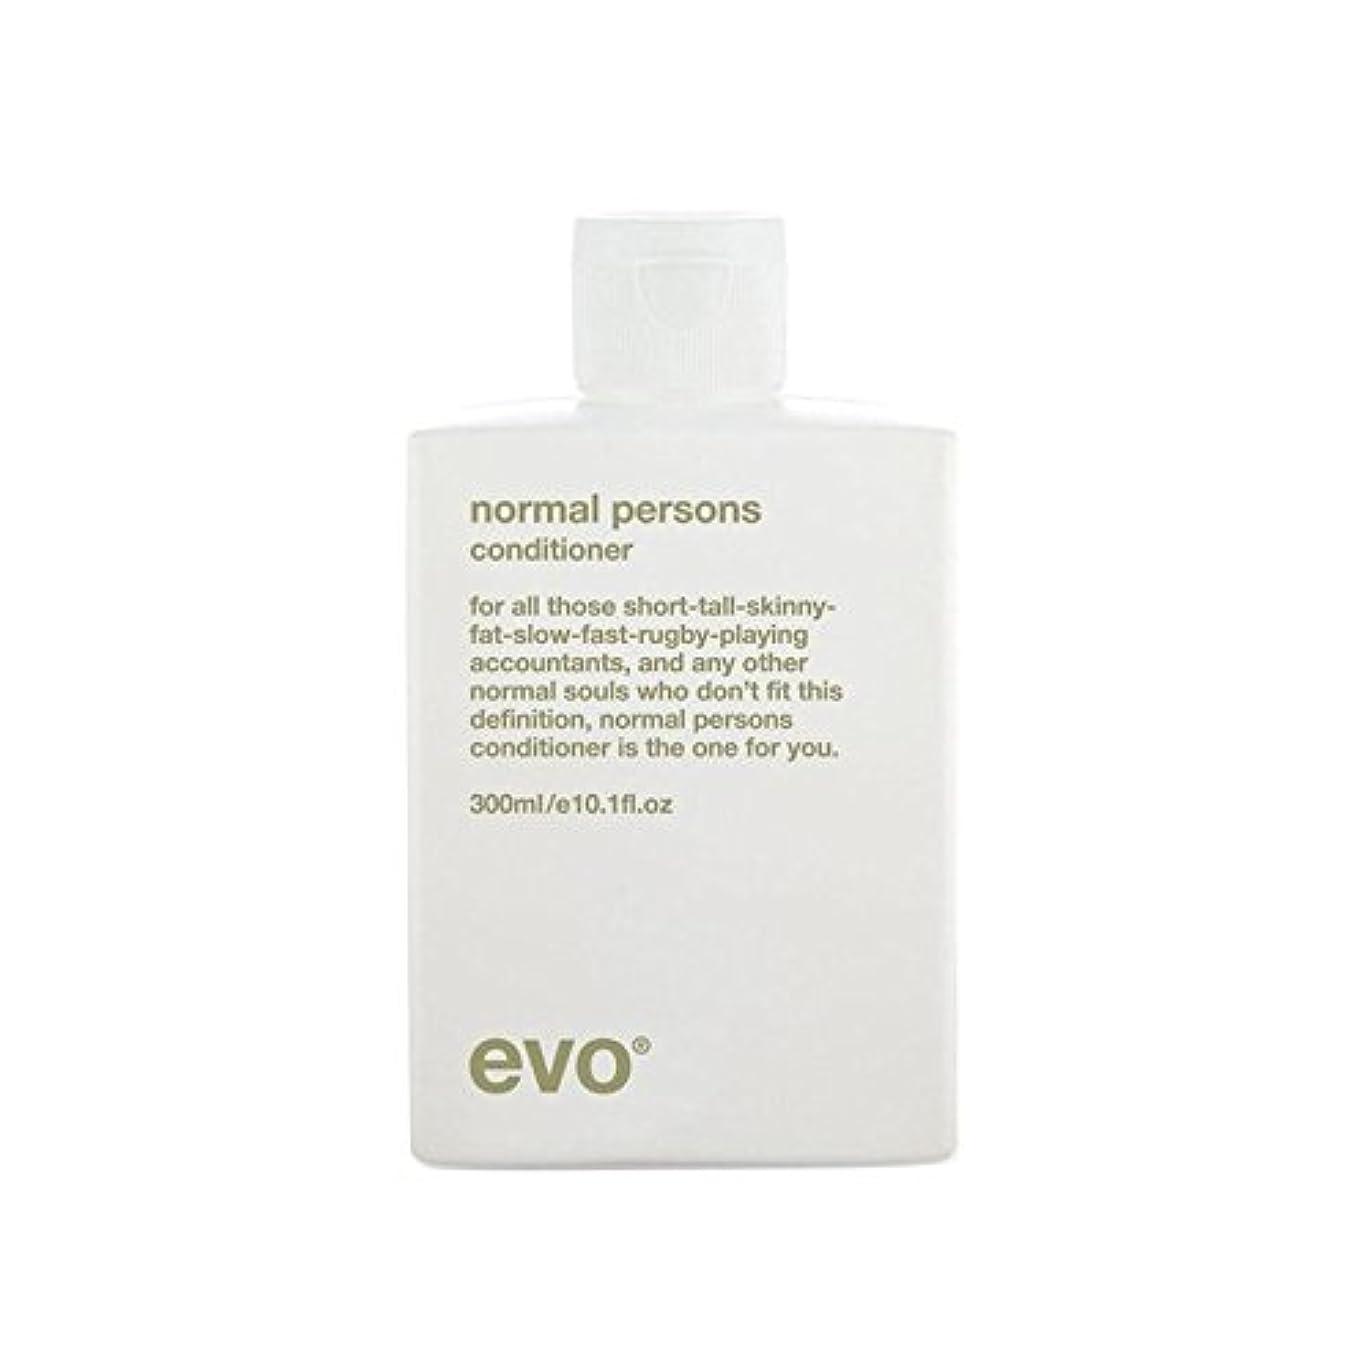 効率サイクロプス通行人Evo Normal Persons Conditioner (300ml) - エボ正常人コンディショナー(300ミリリットル) [並行輸入品]